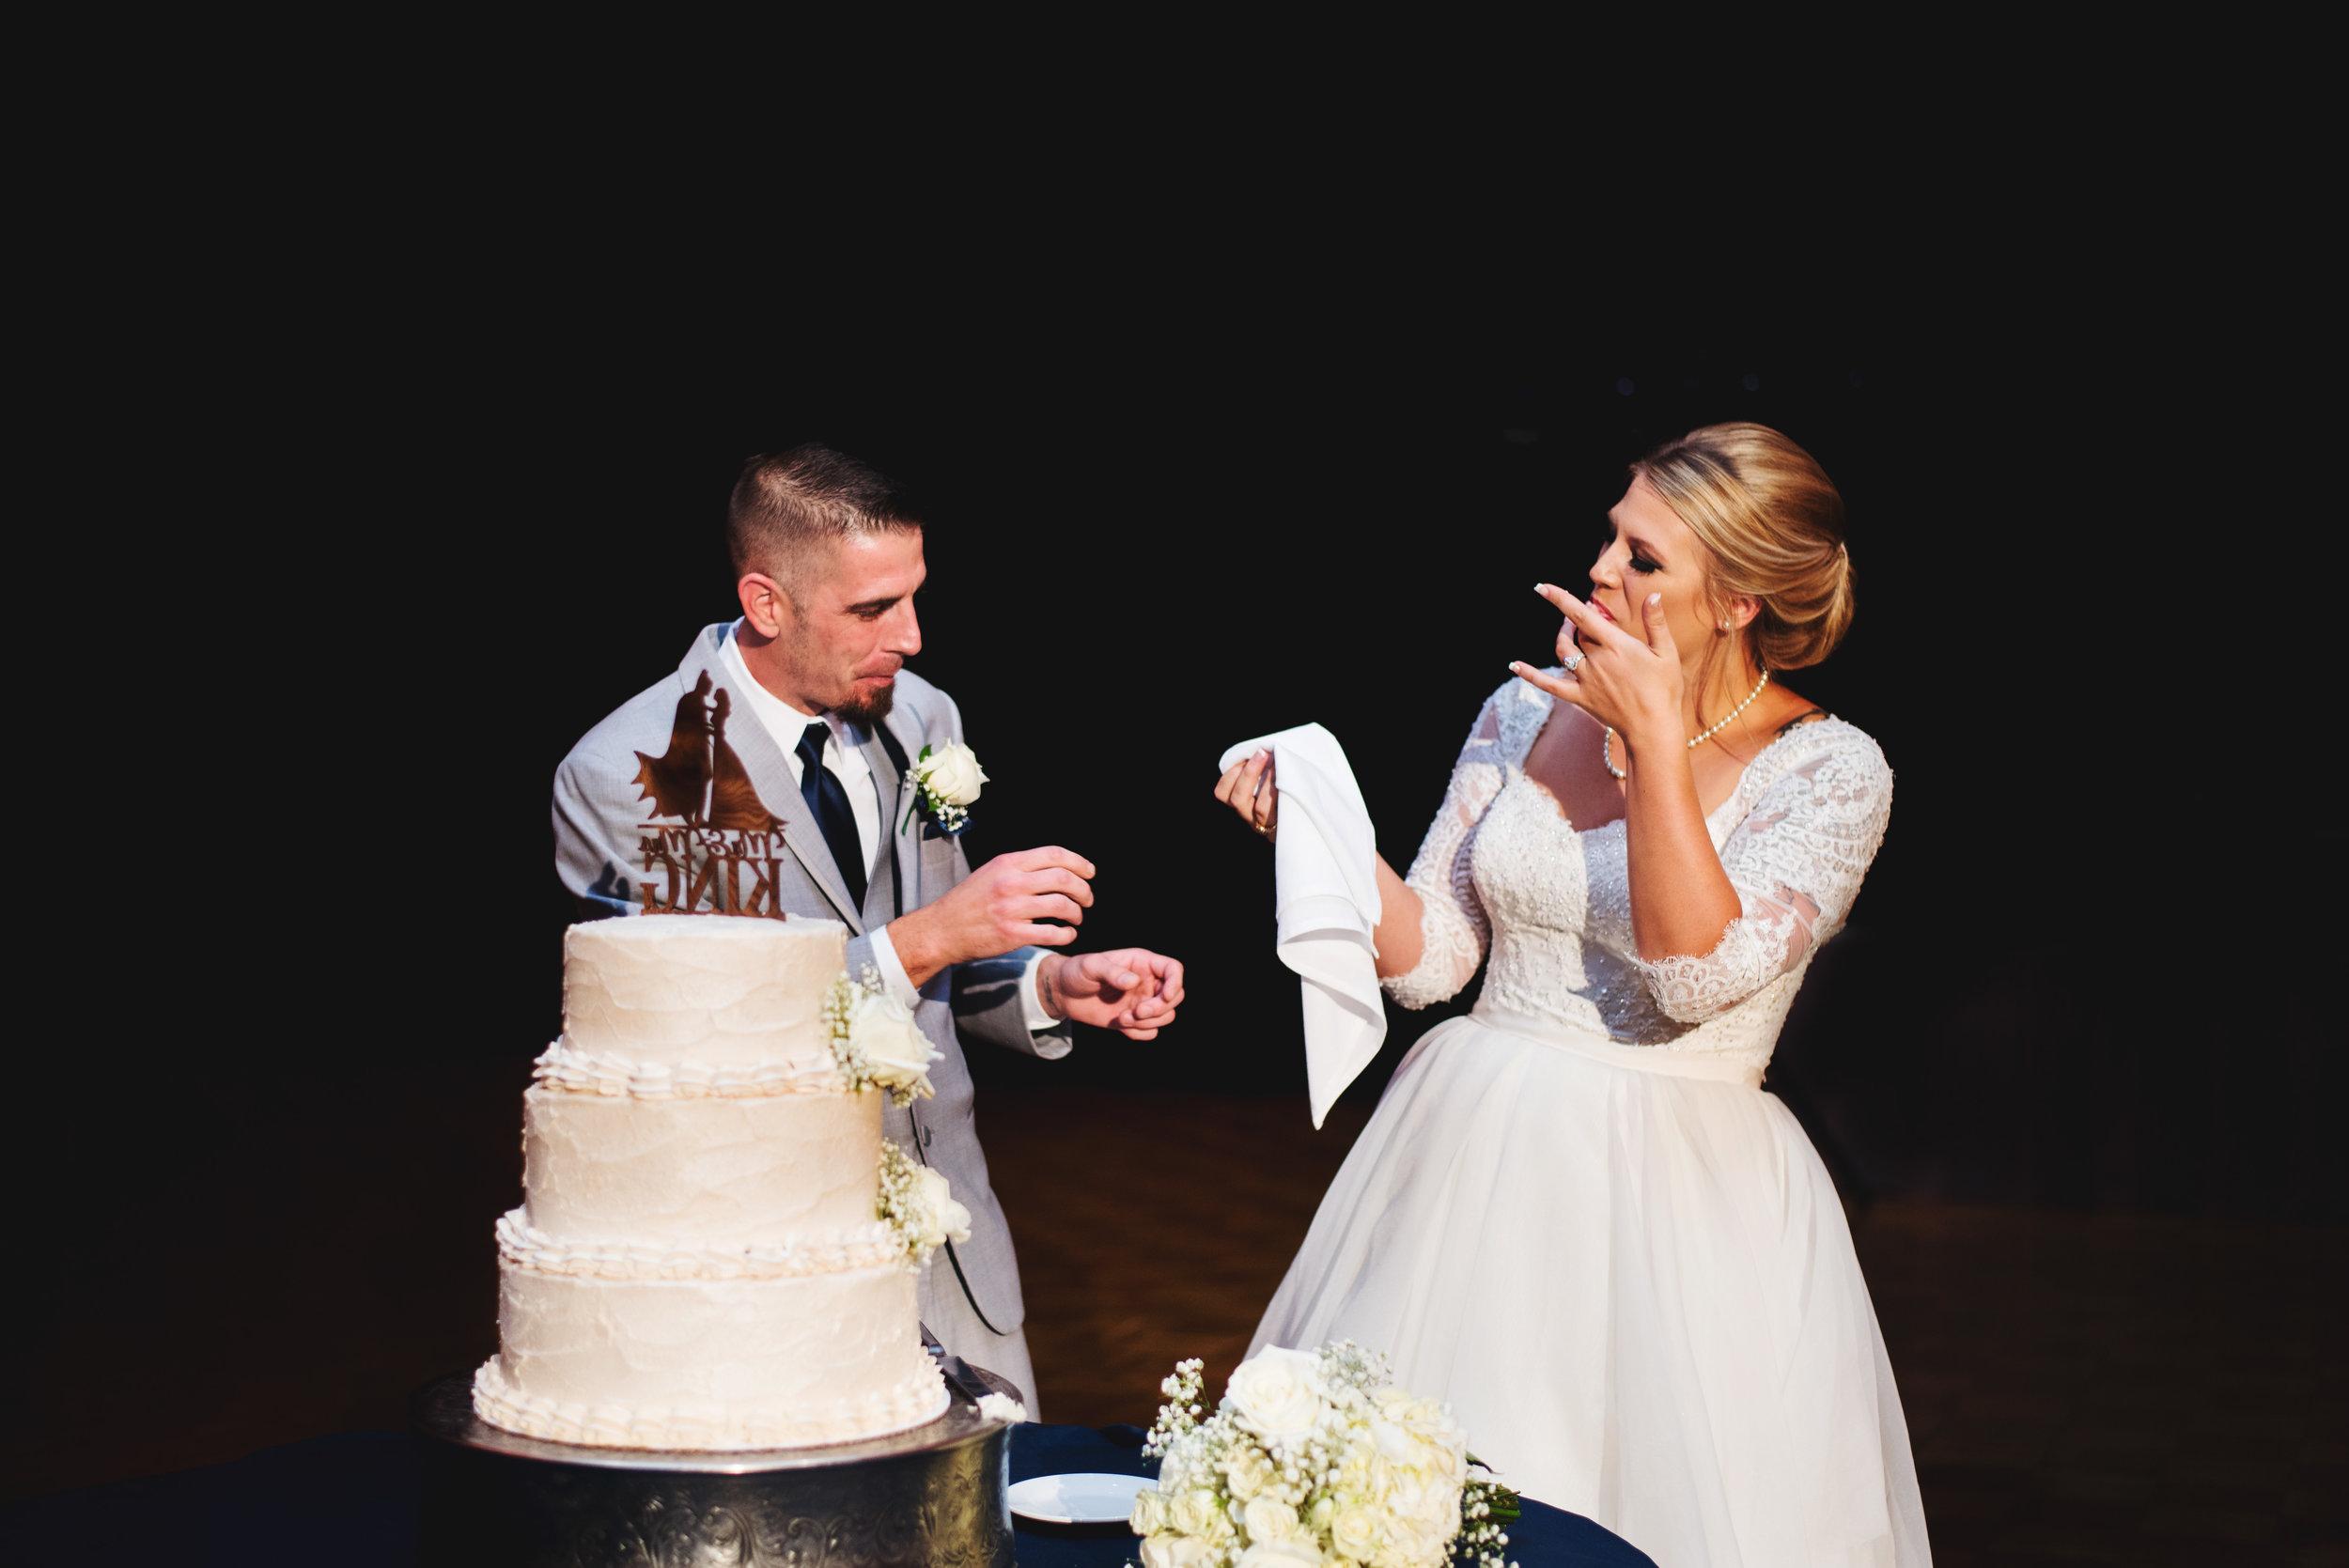 King-Northern-Illinois-University-Wedding106.jpg